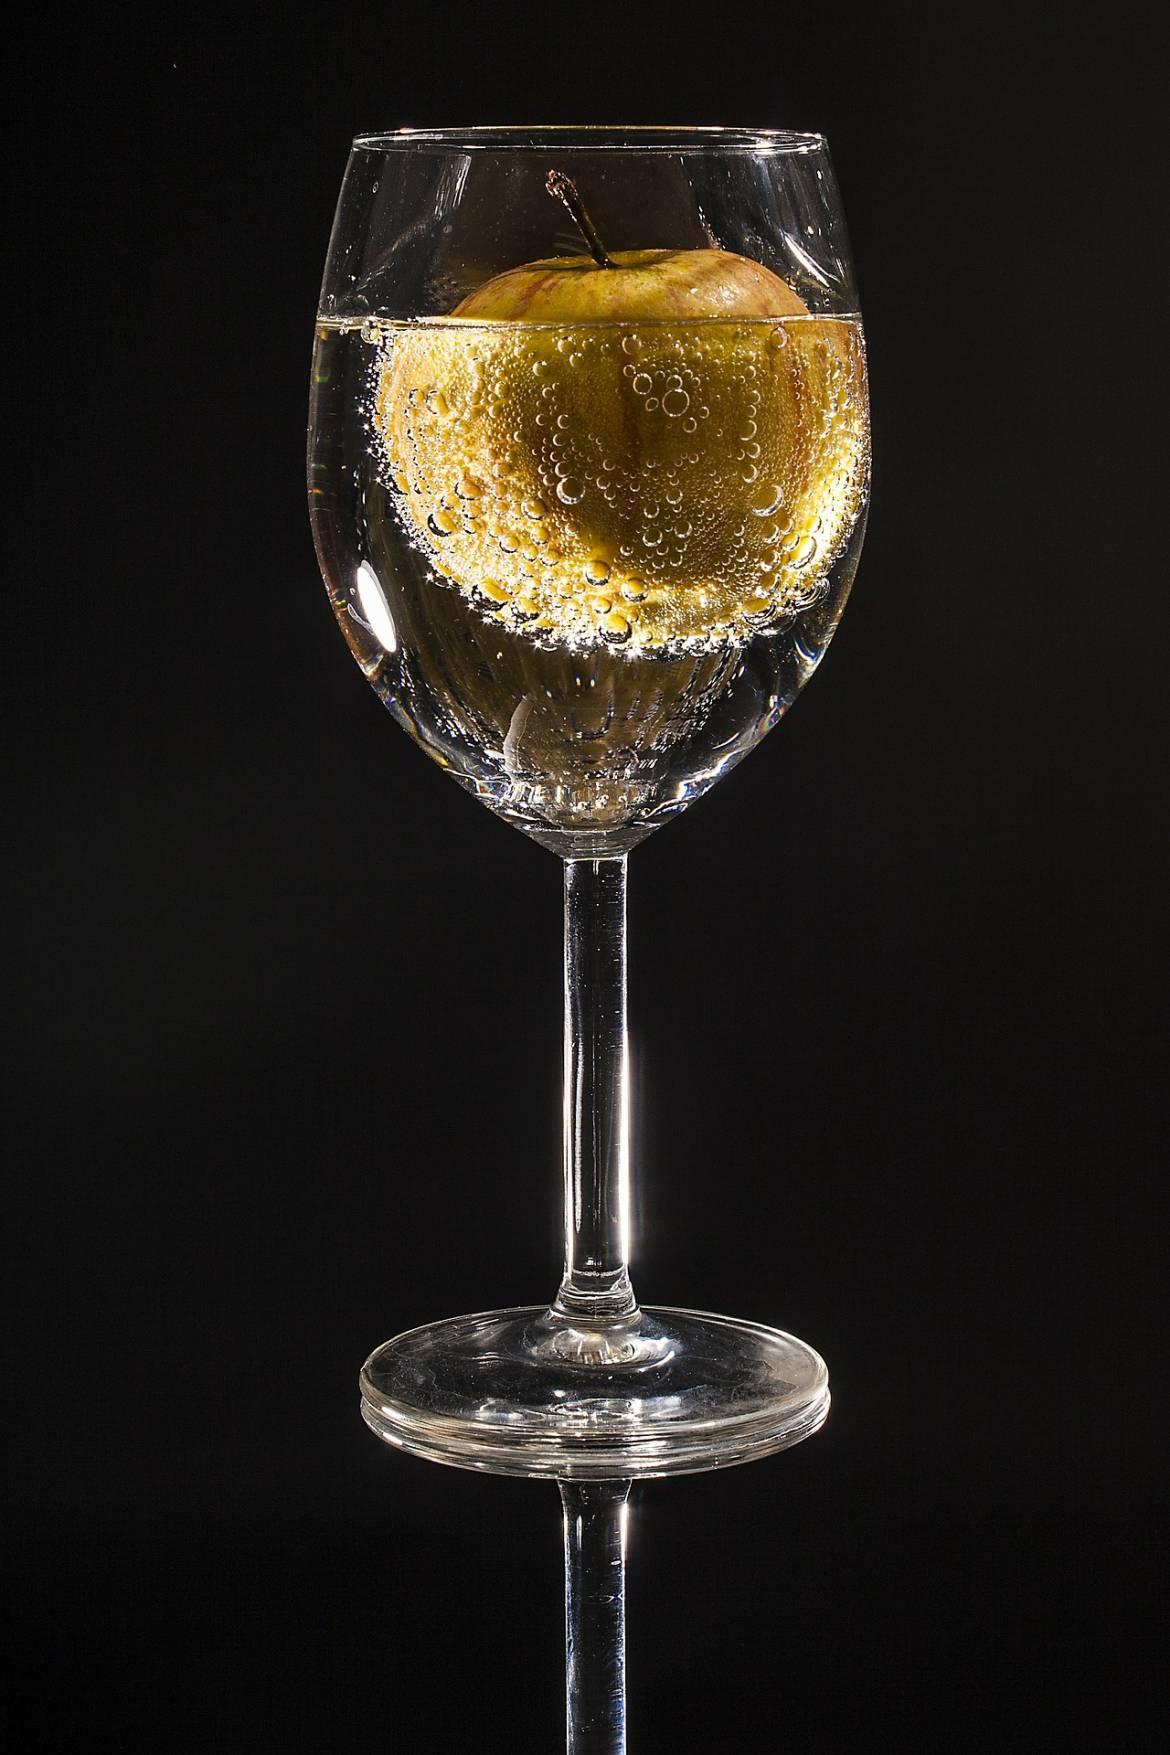 glass-100967_1920-200x3001.jpg